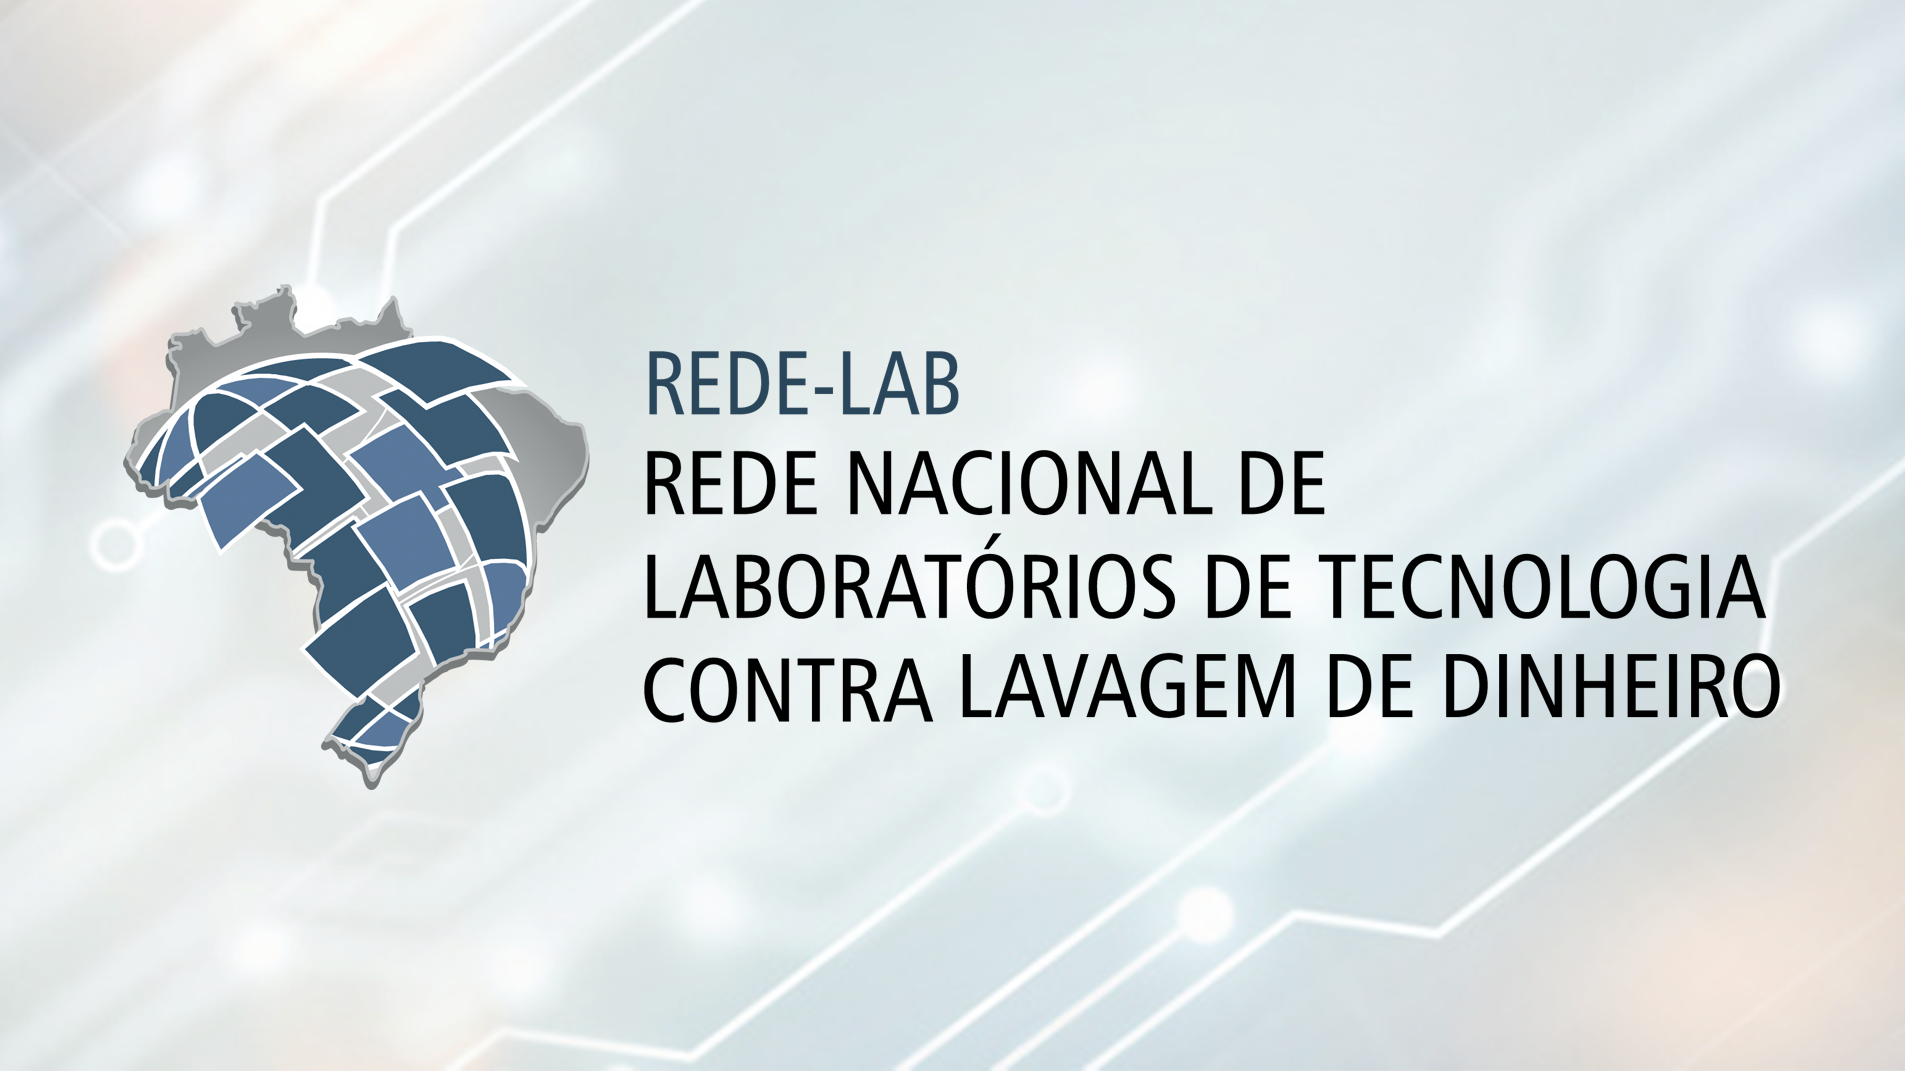 O PACED divulga: Cursos de Análise LAB-LD - Laboratório de tecnologia contra lavagem de dinheiro – abril, junho e setembro 2018 - Brasília